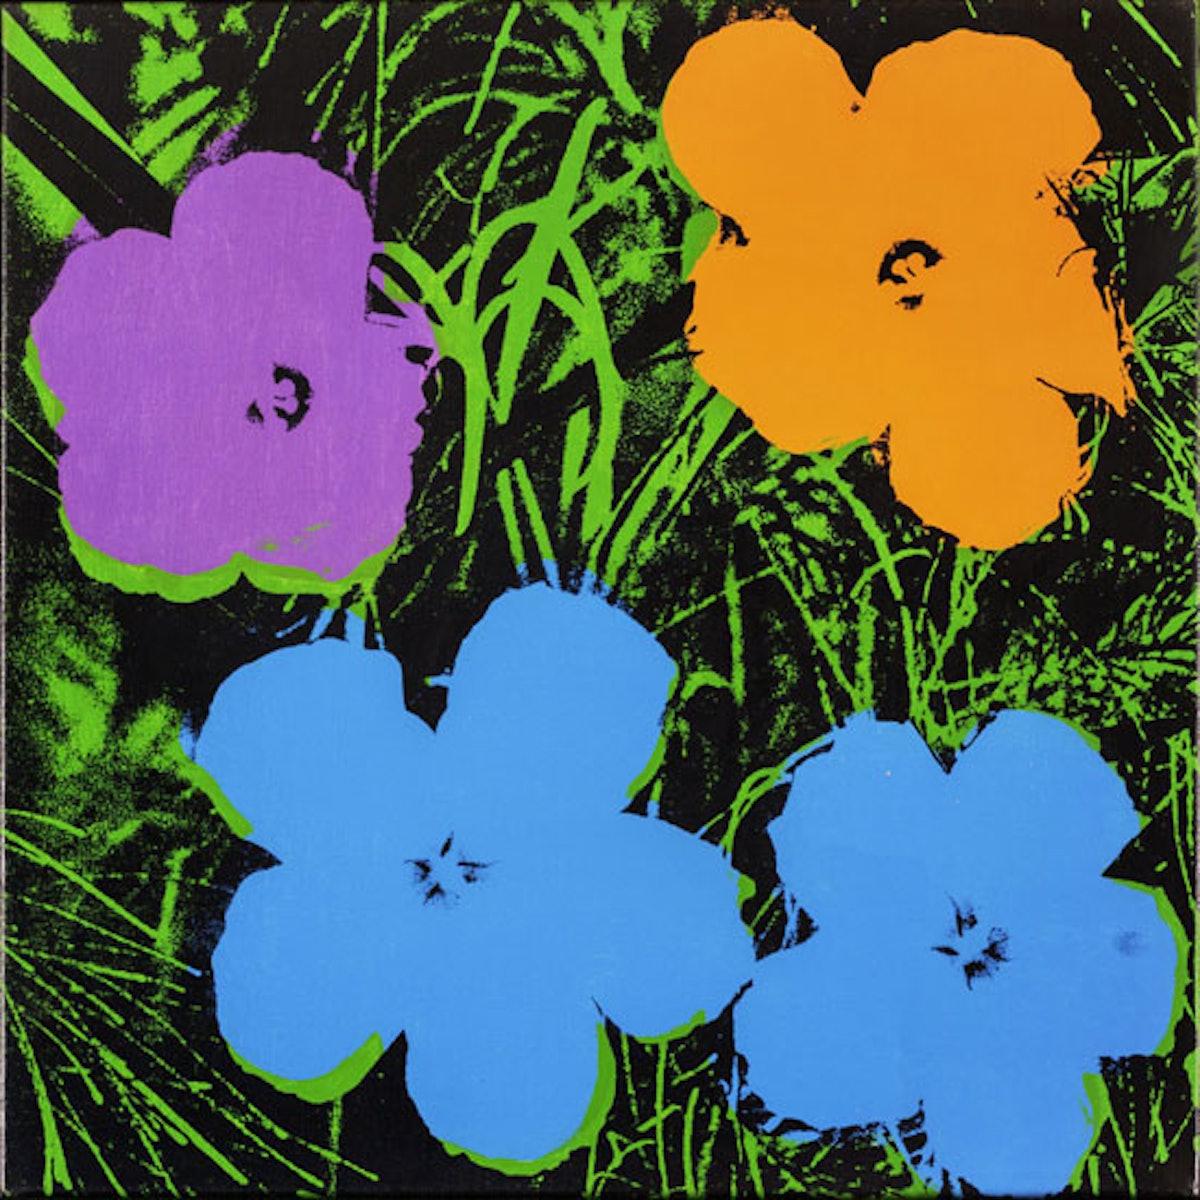 blog-andy-warhol-flowers-01.jpg